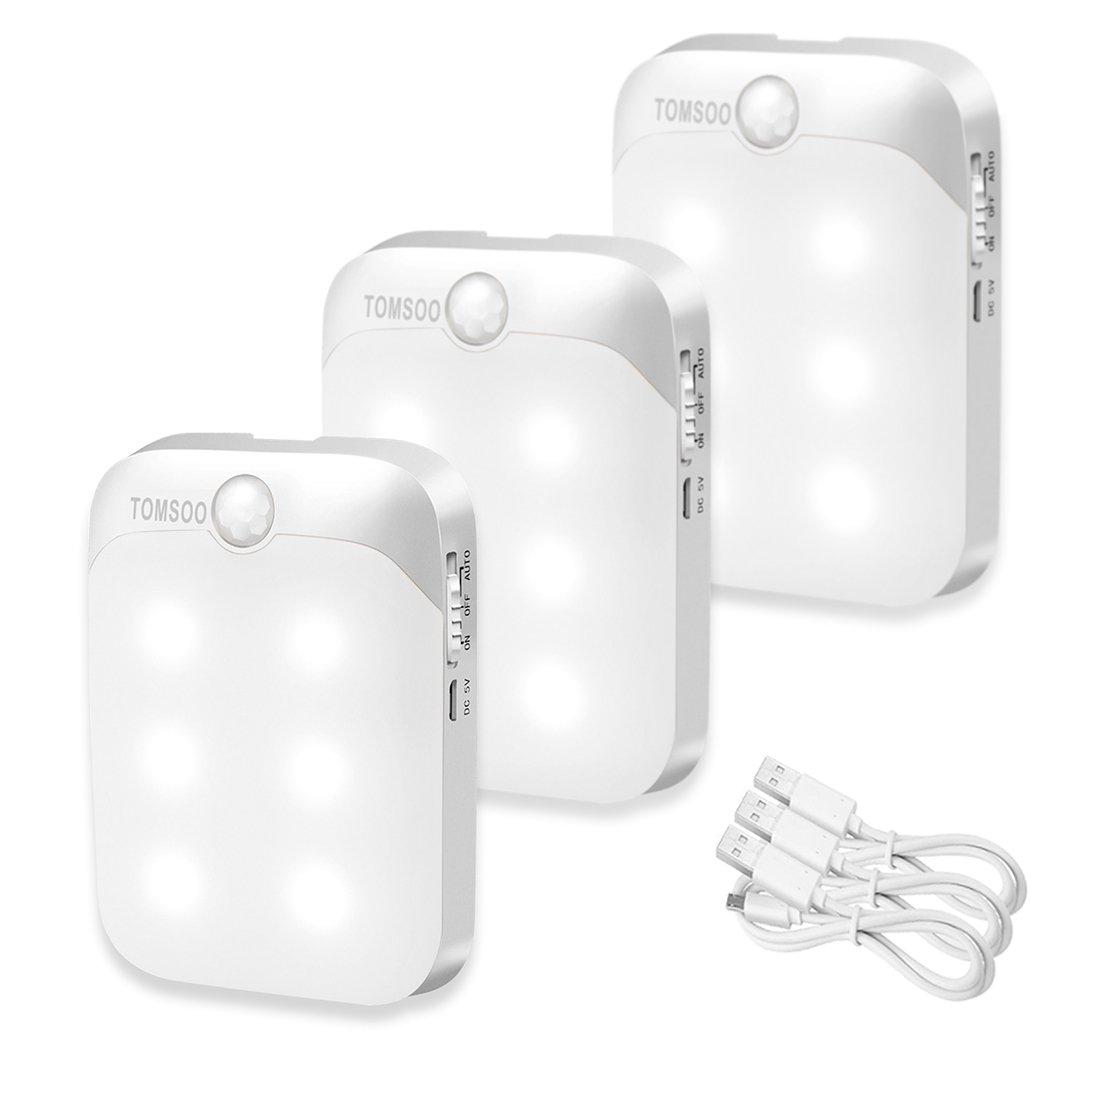 tomsoo充電式バッテリ駆動式モーションセンサーライトライトコードレスモーション検知LEDナイトライト、クローゼット、階段、ライト、安全ライトfor廊下、クローゼット、バスルーム、ベッドルーム、キッチン TOMSOO12314 B075S481TF 12251 ウォームホワイト(Warm White)